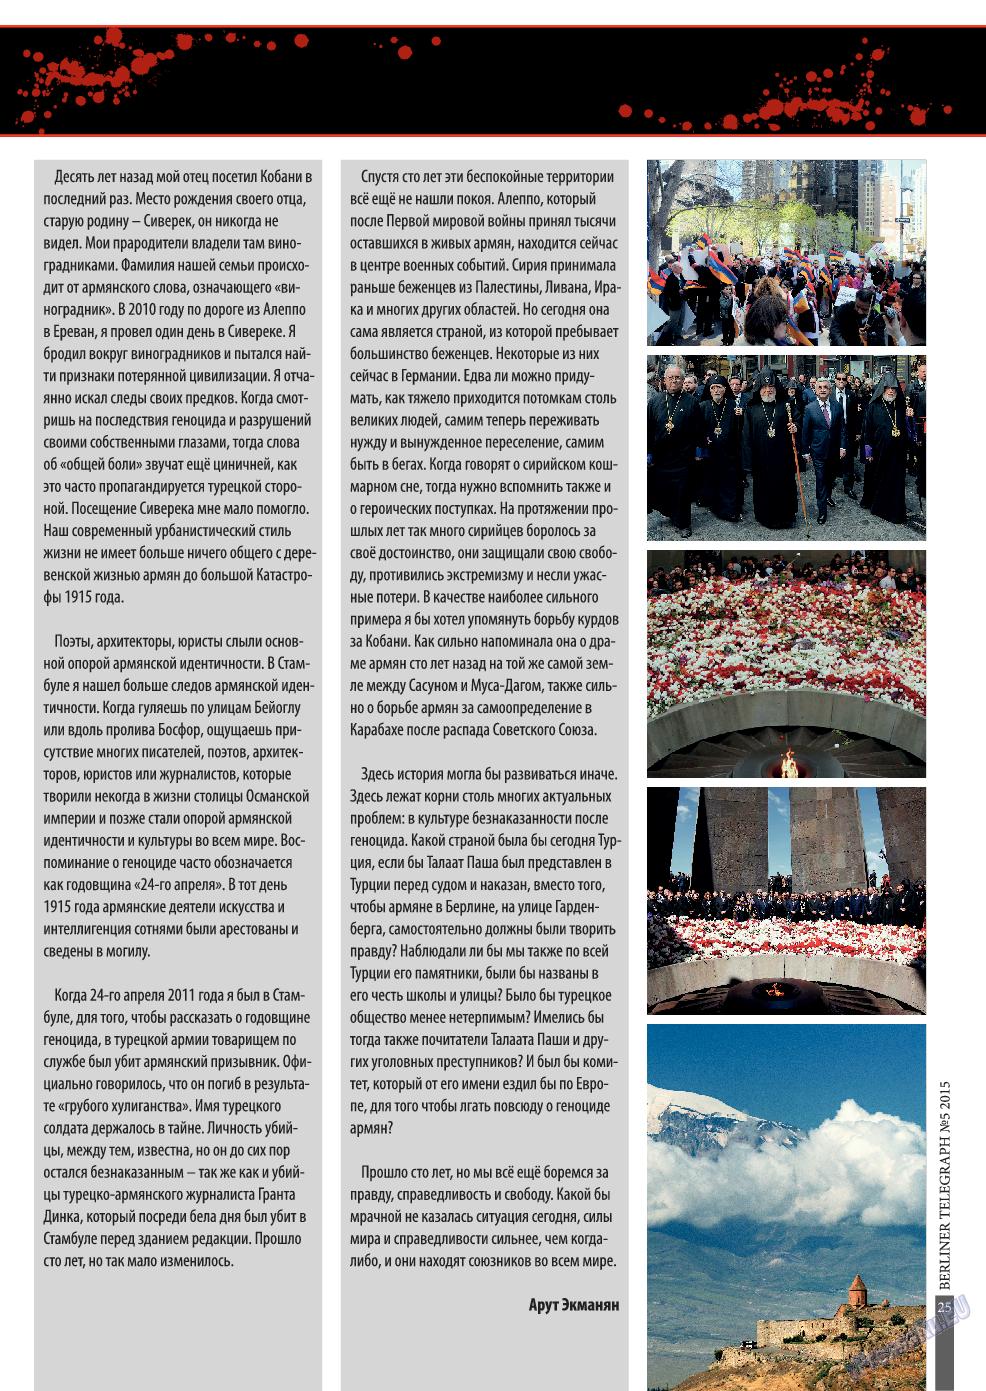 Берлинский телеграф (журнал). 2015 год, номер 5, стр. 25